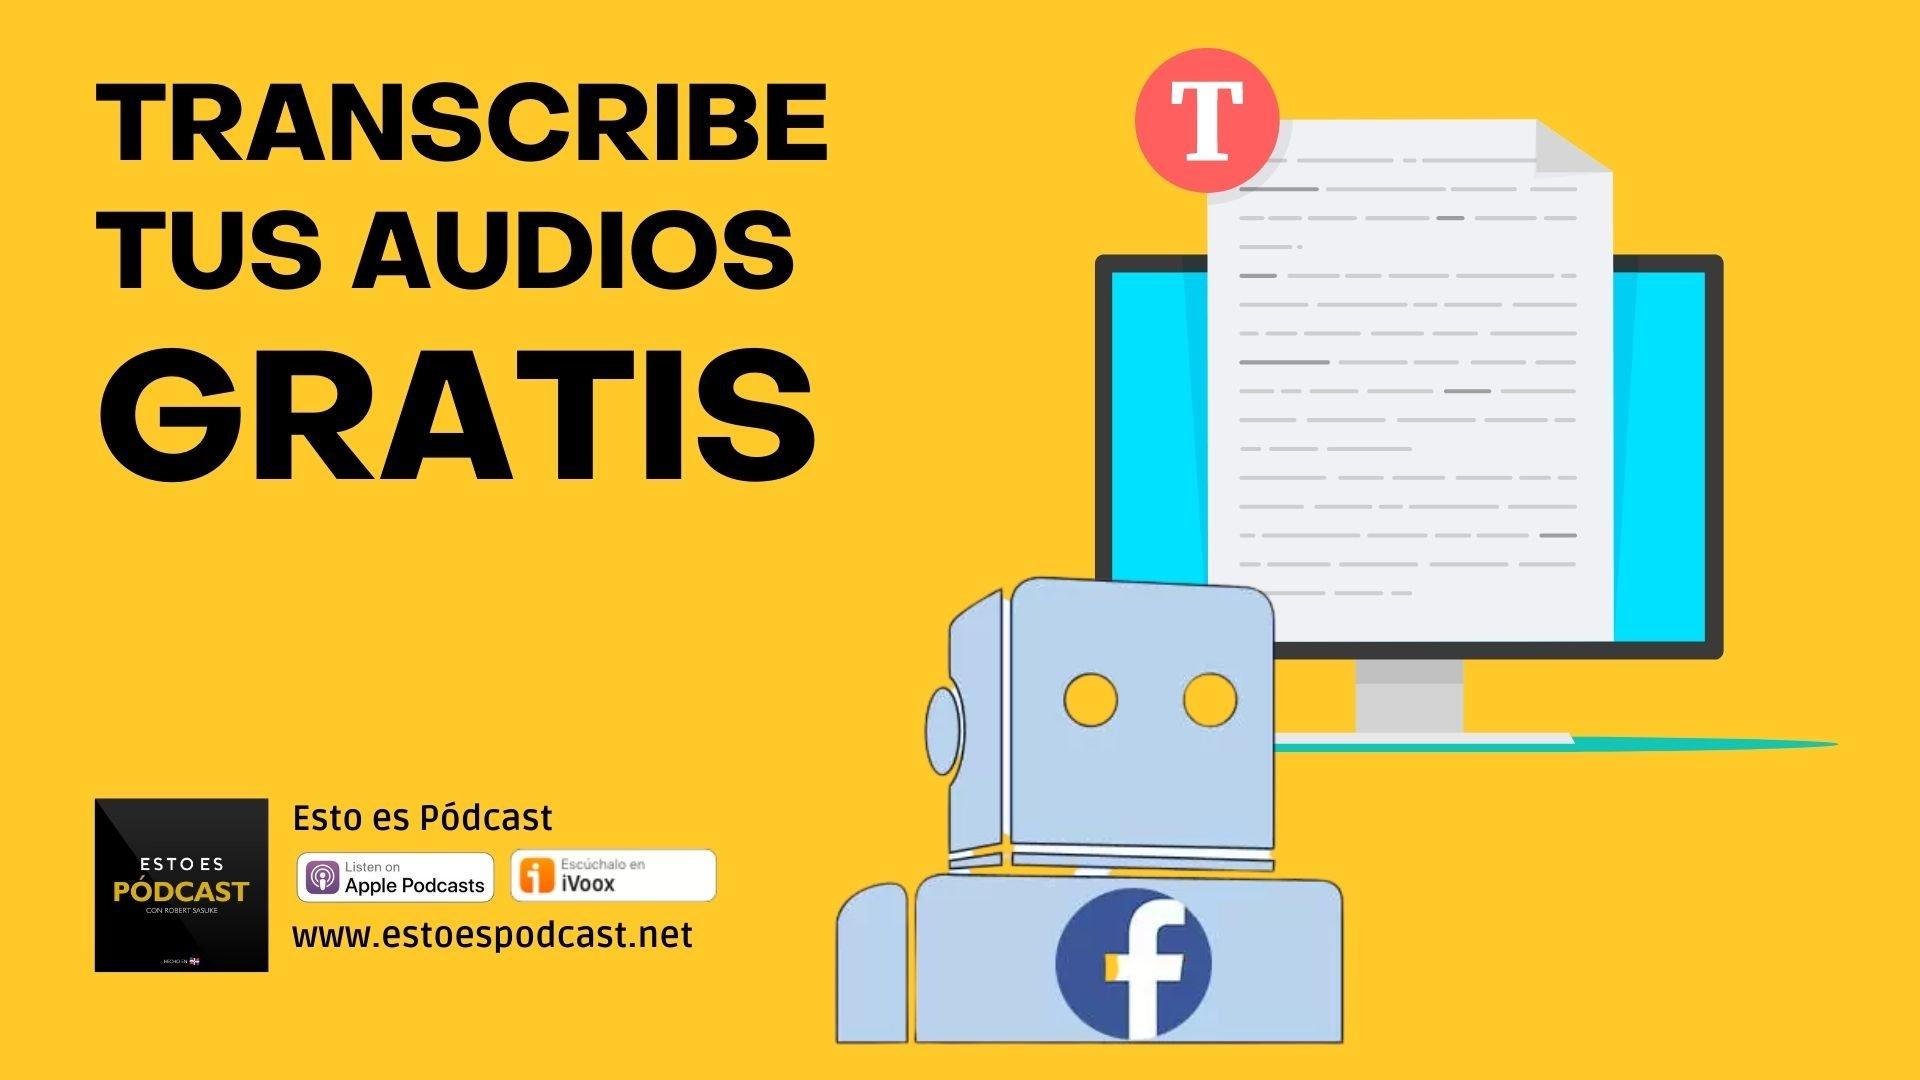 Transcribe tus episodios gratis y sin límite con IA: Wit.ai